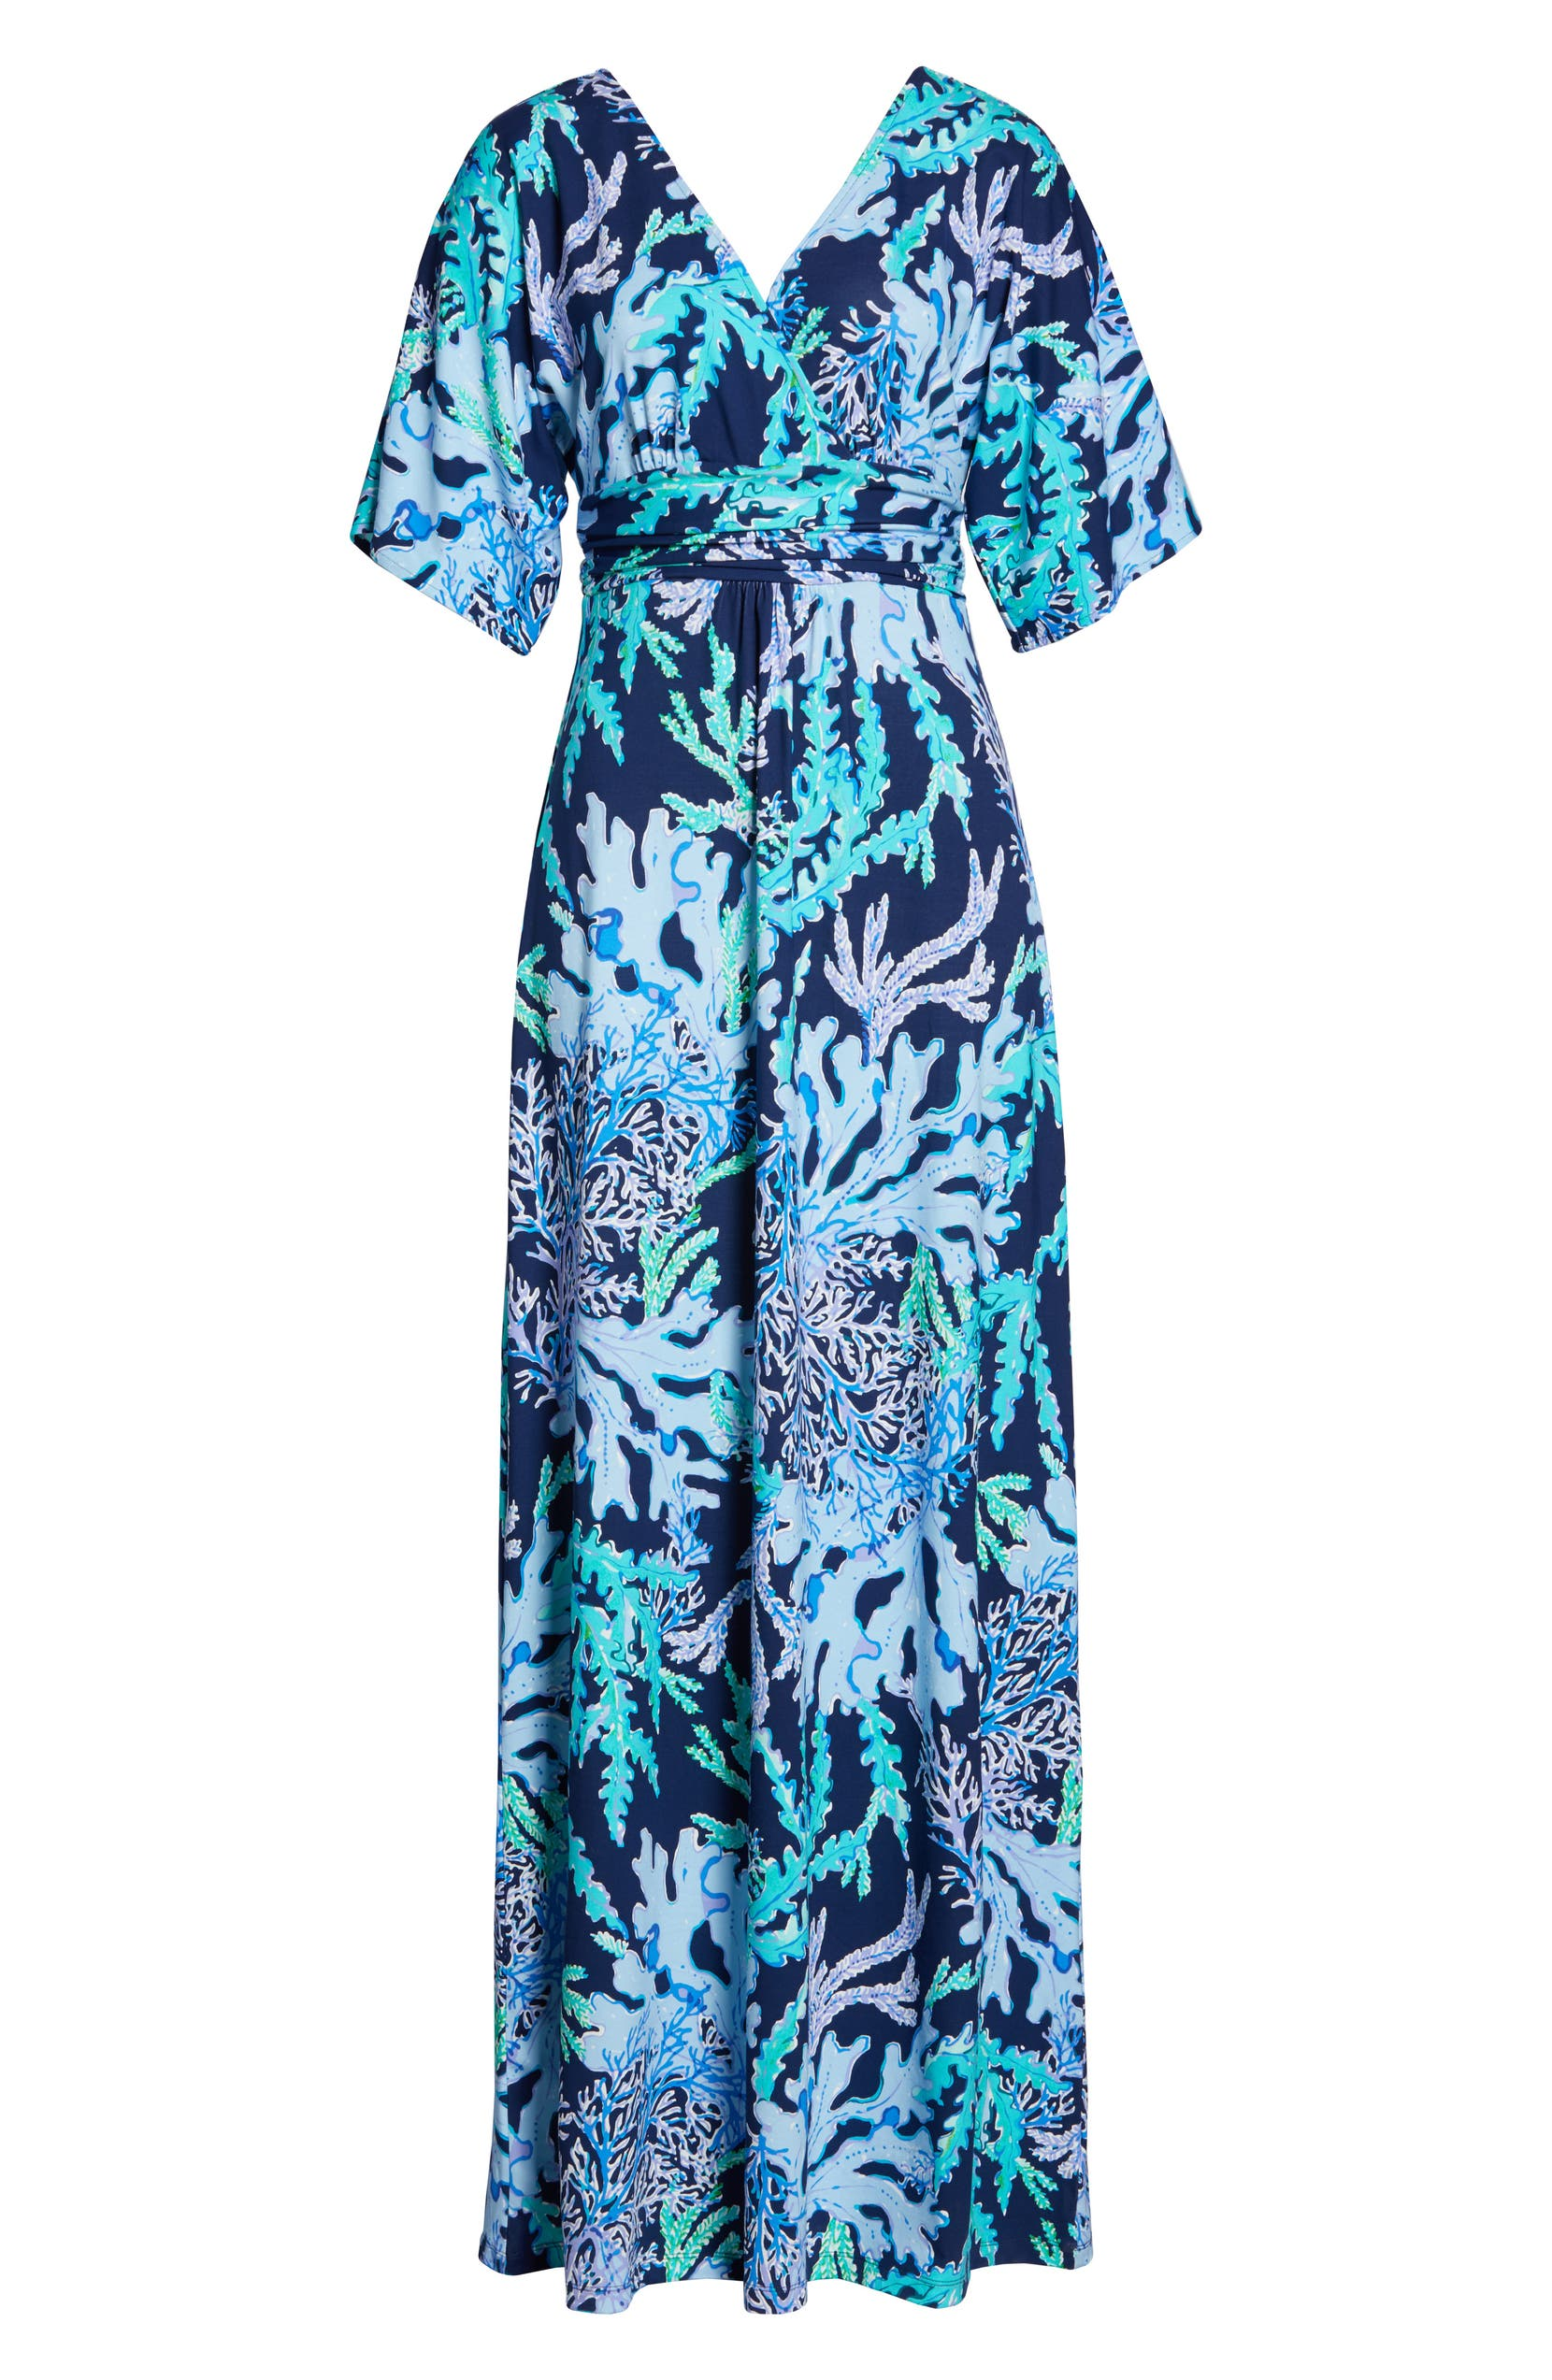 fd0c7222f0a Lilly Pulitzer® Parigi Maxi Dress